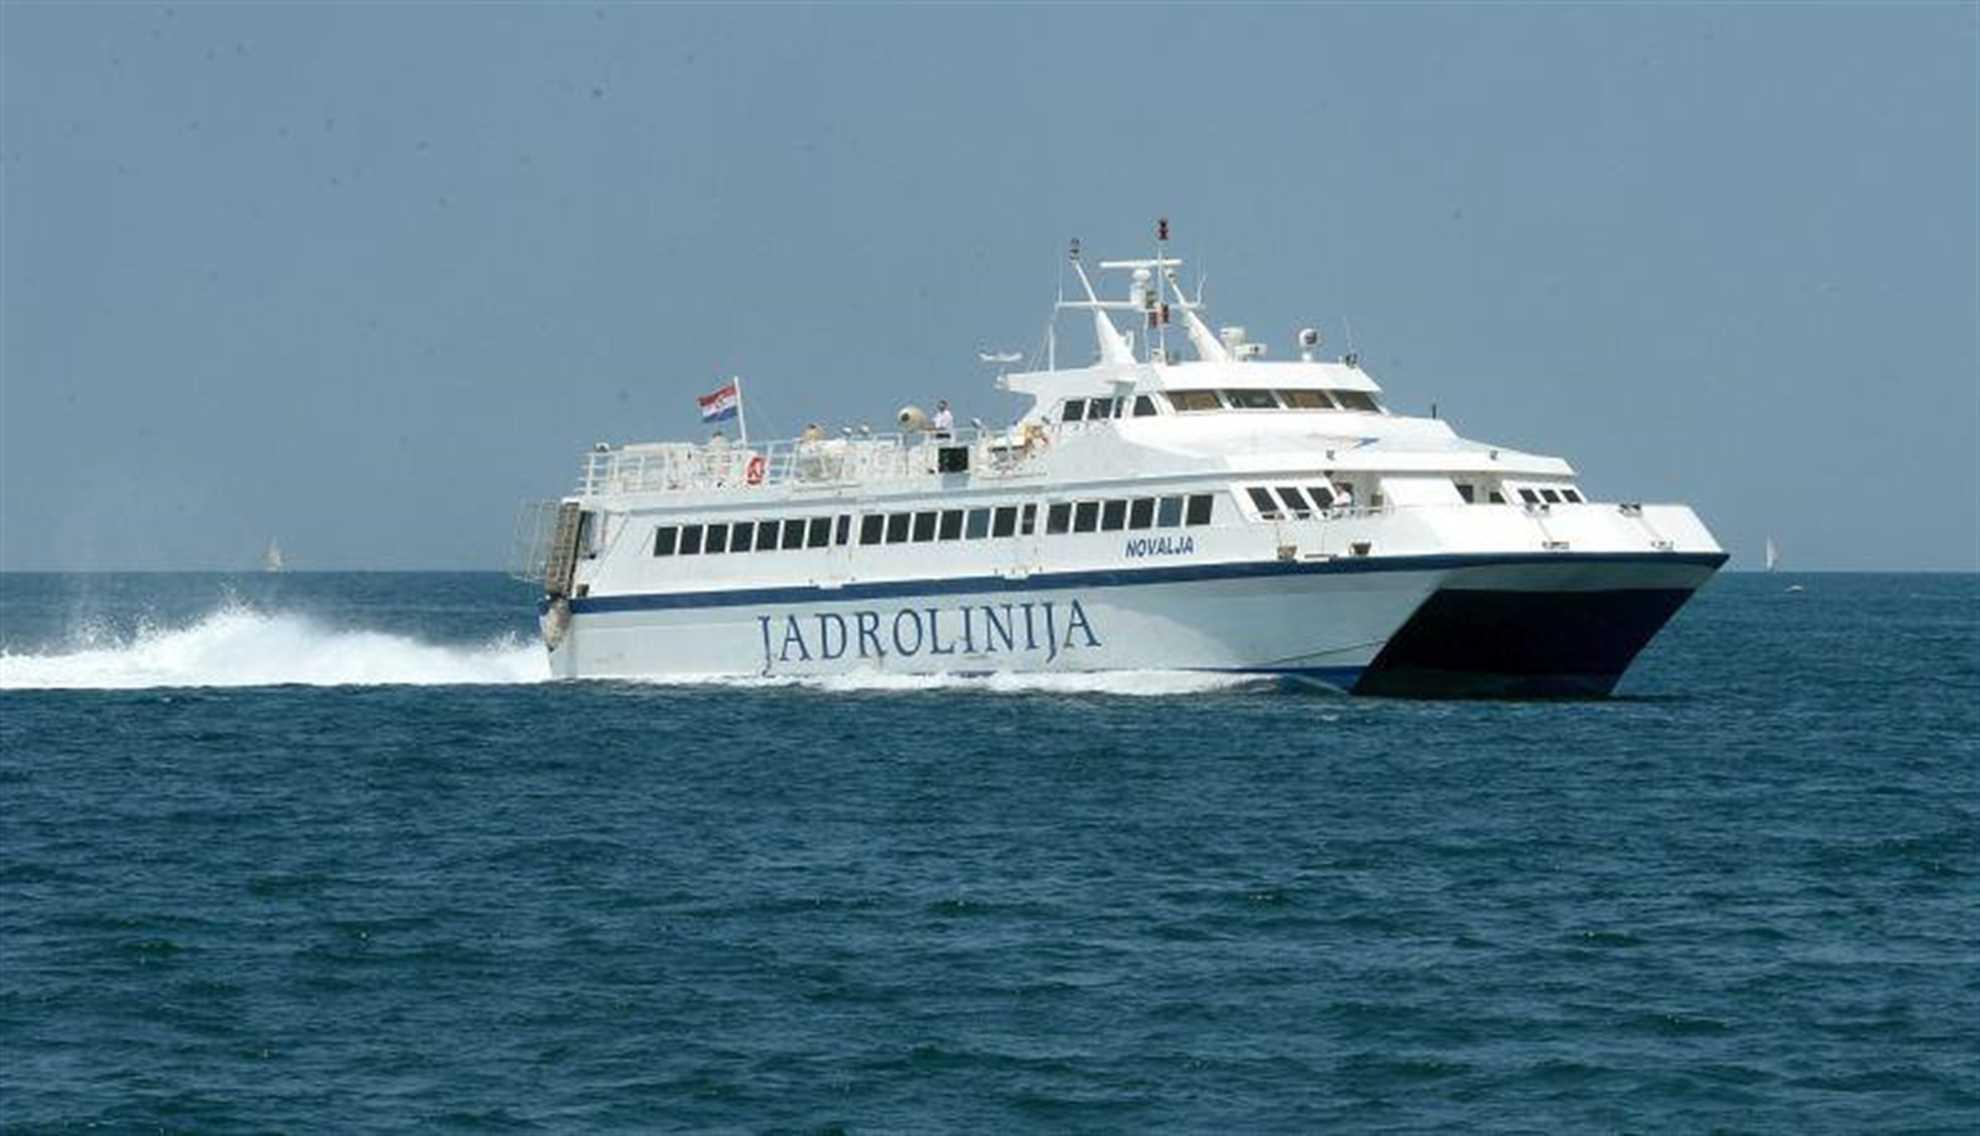 Jadrolinija Fast Ferry